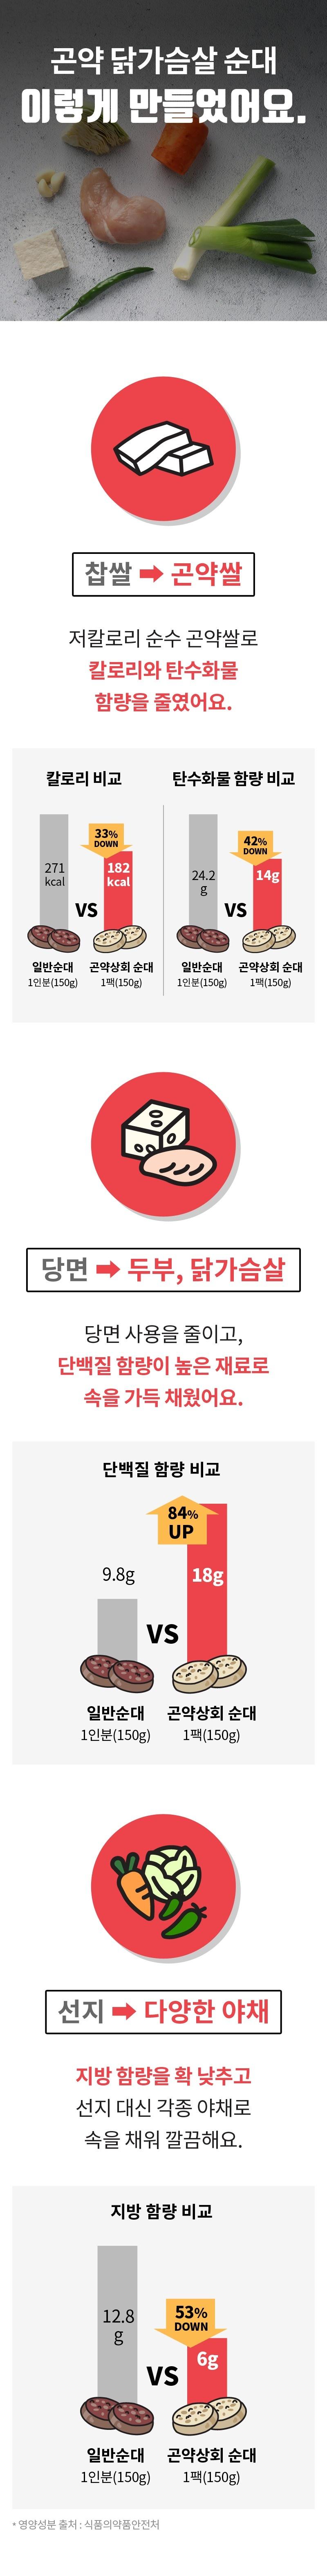 곤약 닭가슴살 순대 체험단 모집 (02.13~02.24)